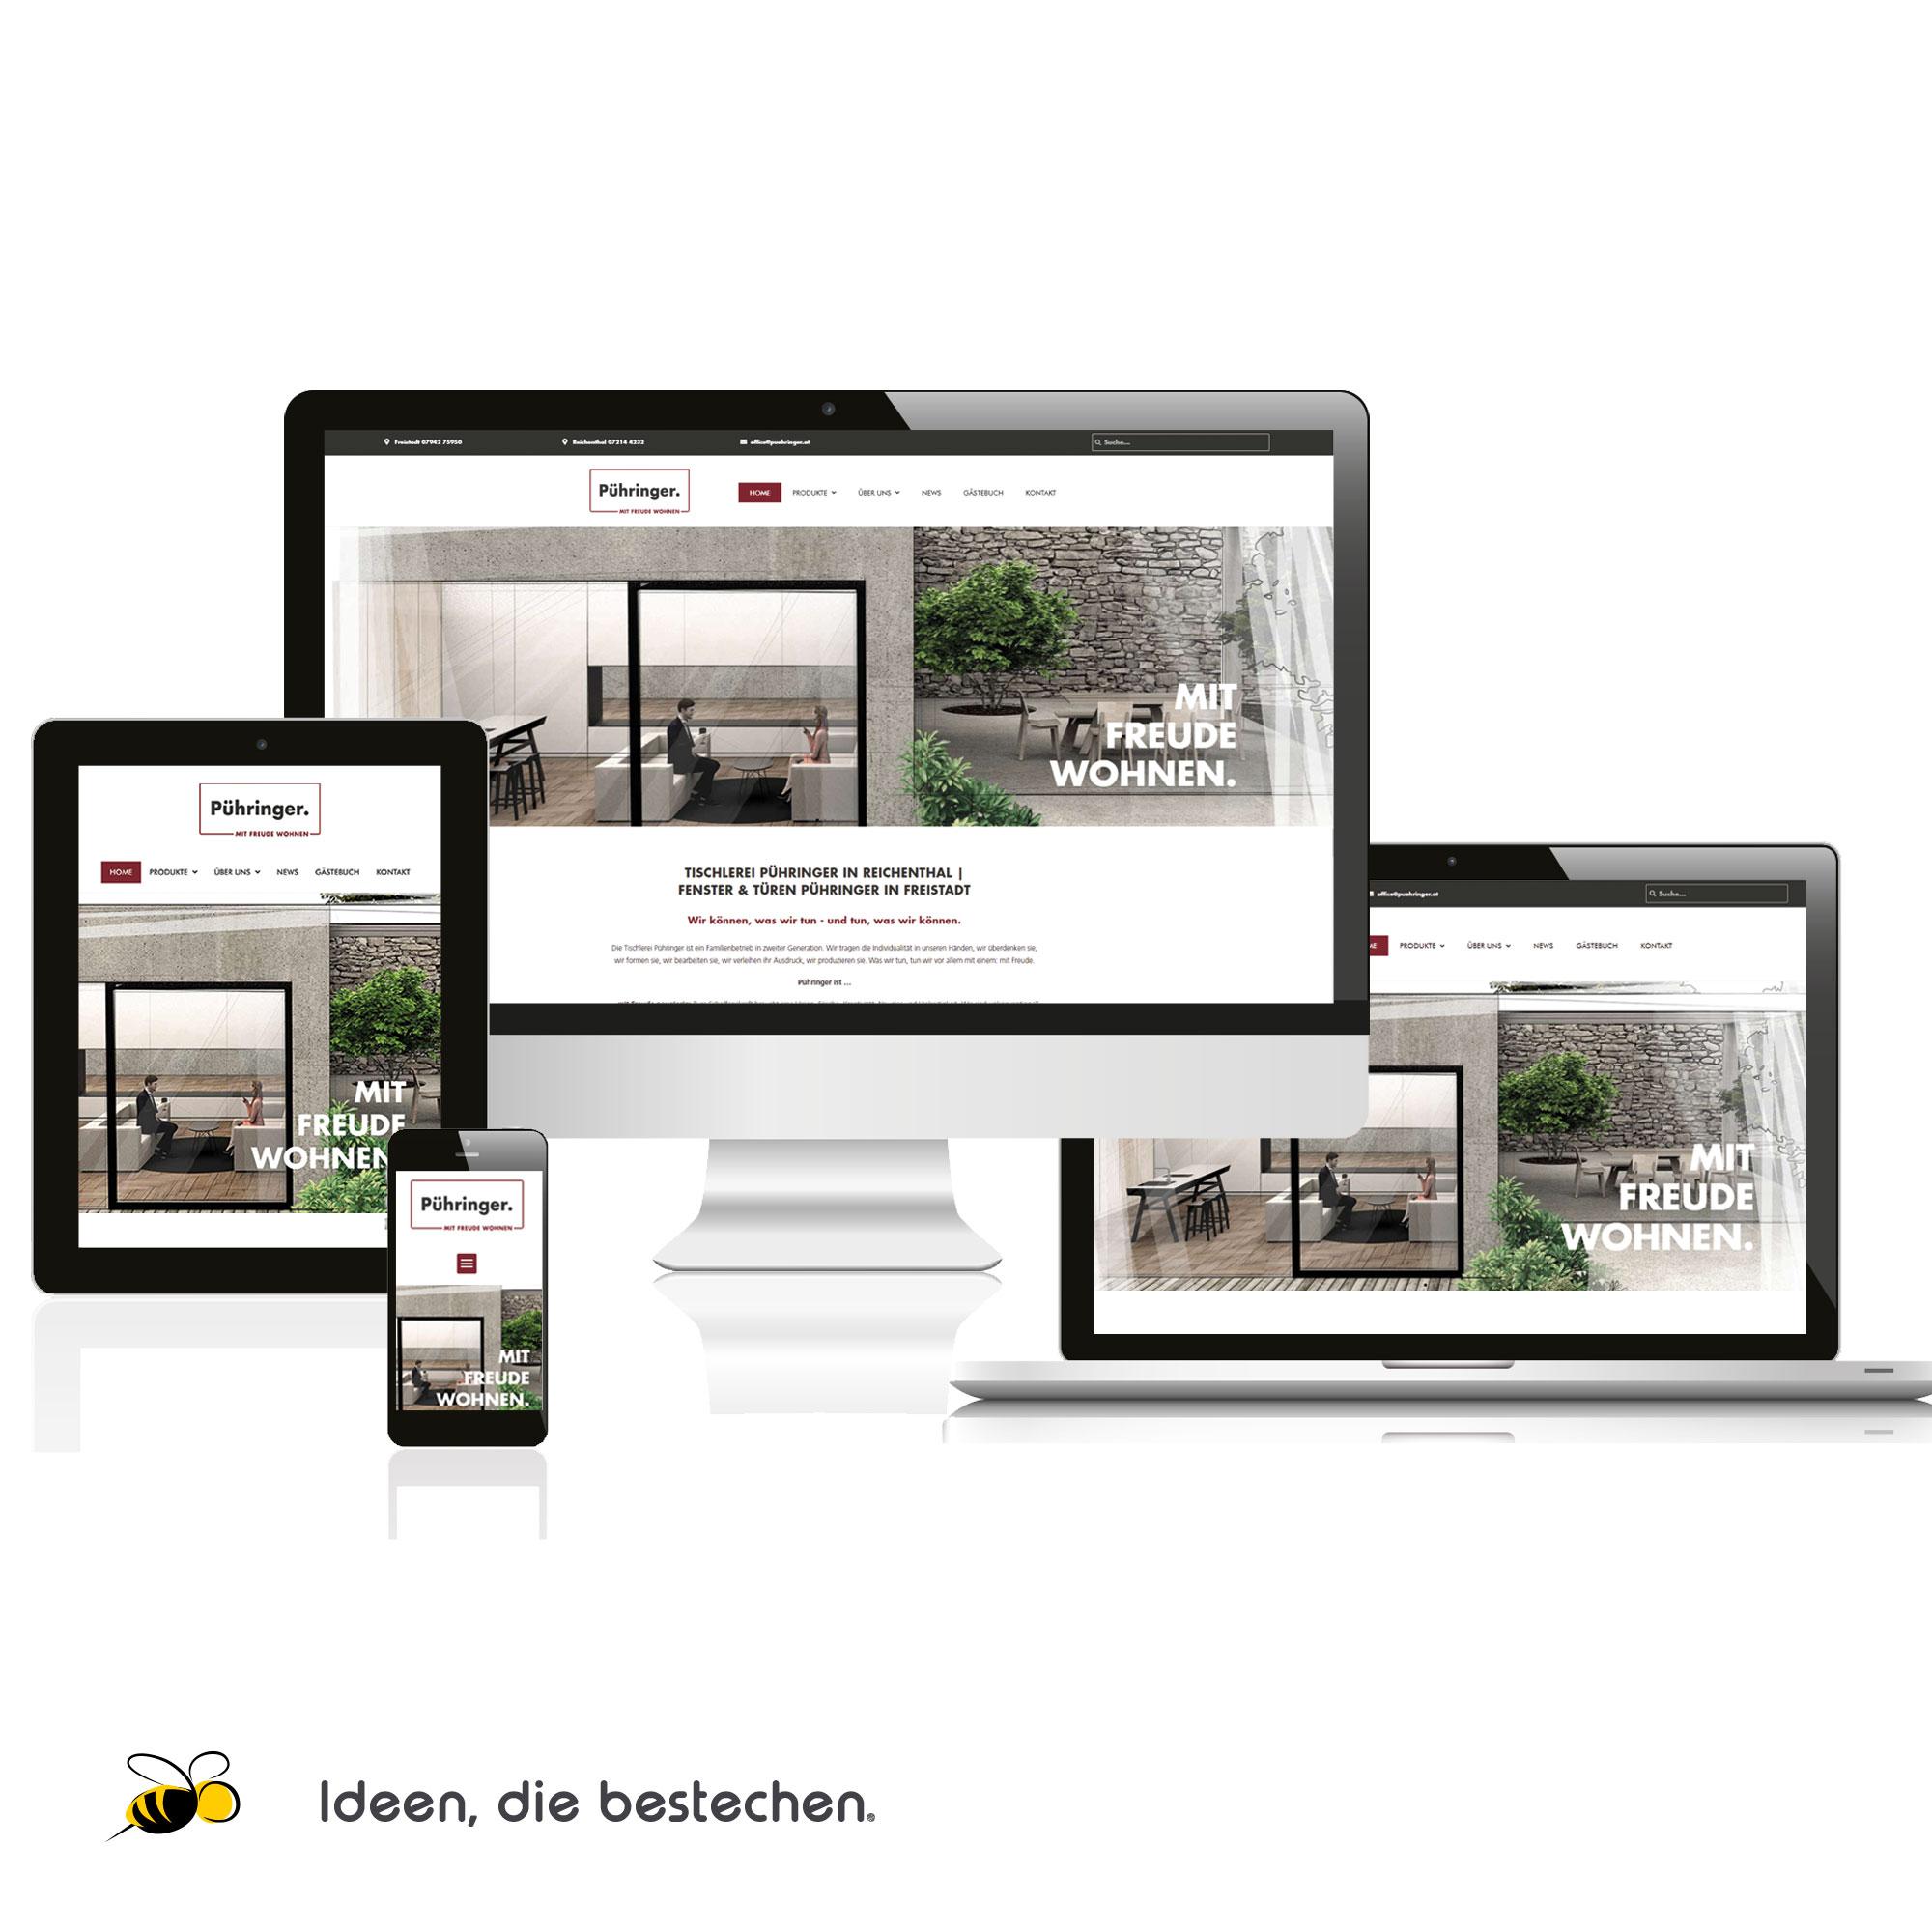 Referenzen kreativbiene: Homepage Tischlerei / Fenster&Türen Pühringer